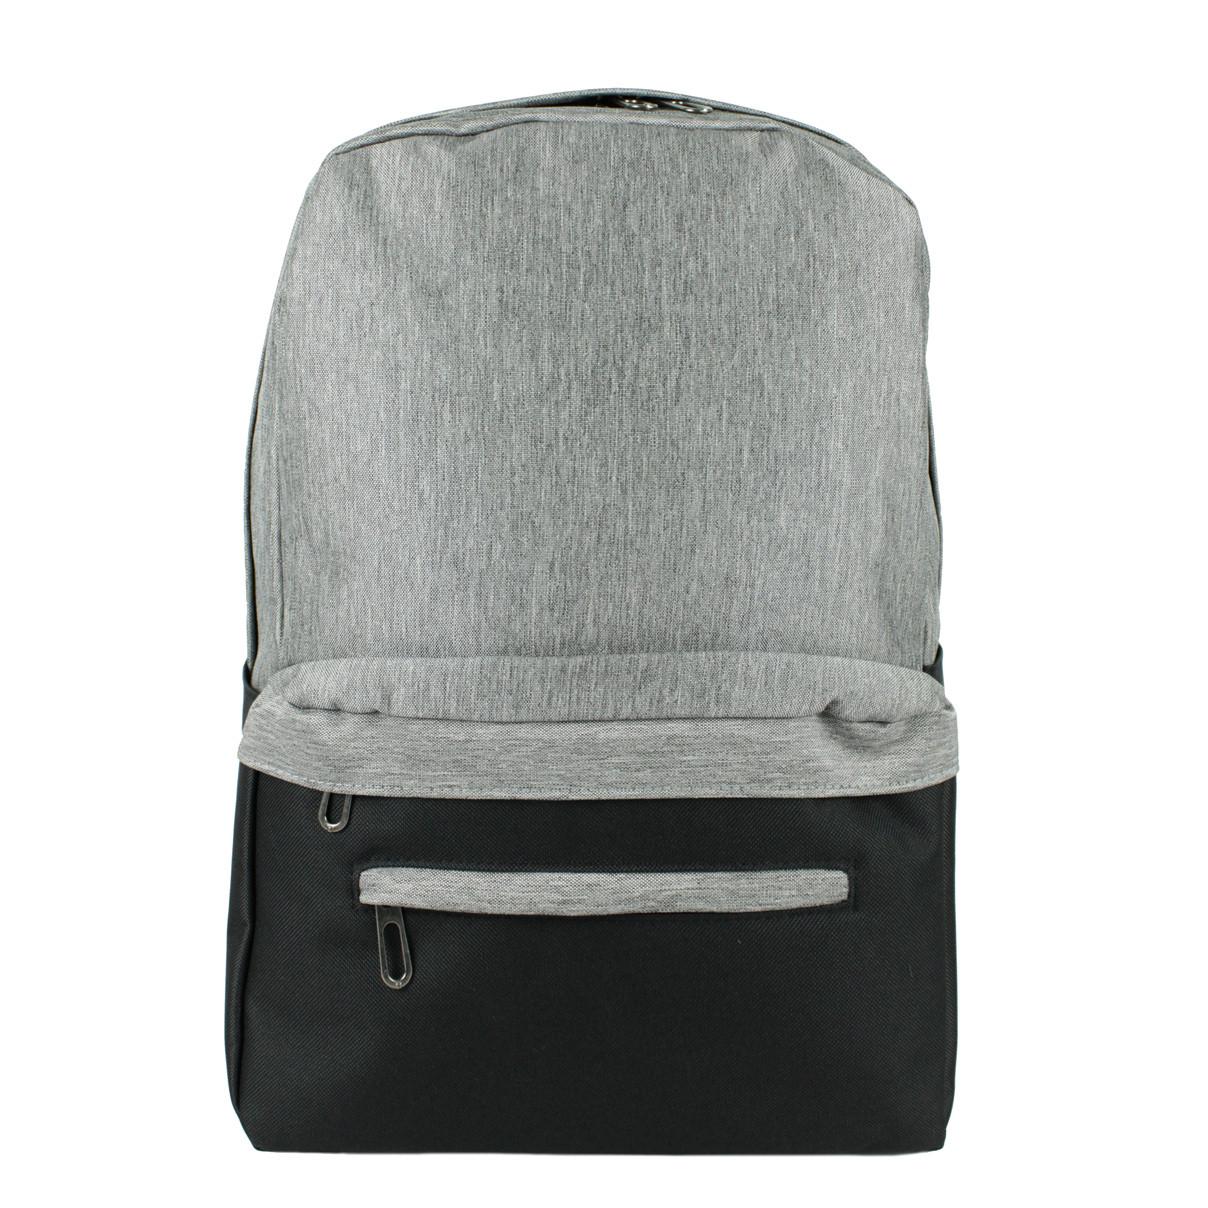 Рюкзак універсальний унісекс сіро-чорний текстиль